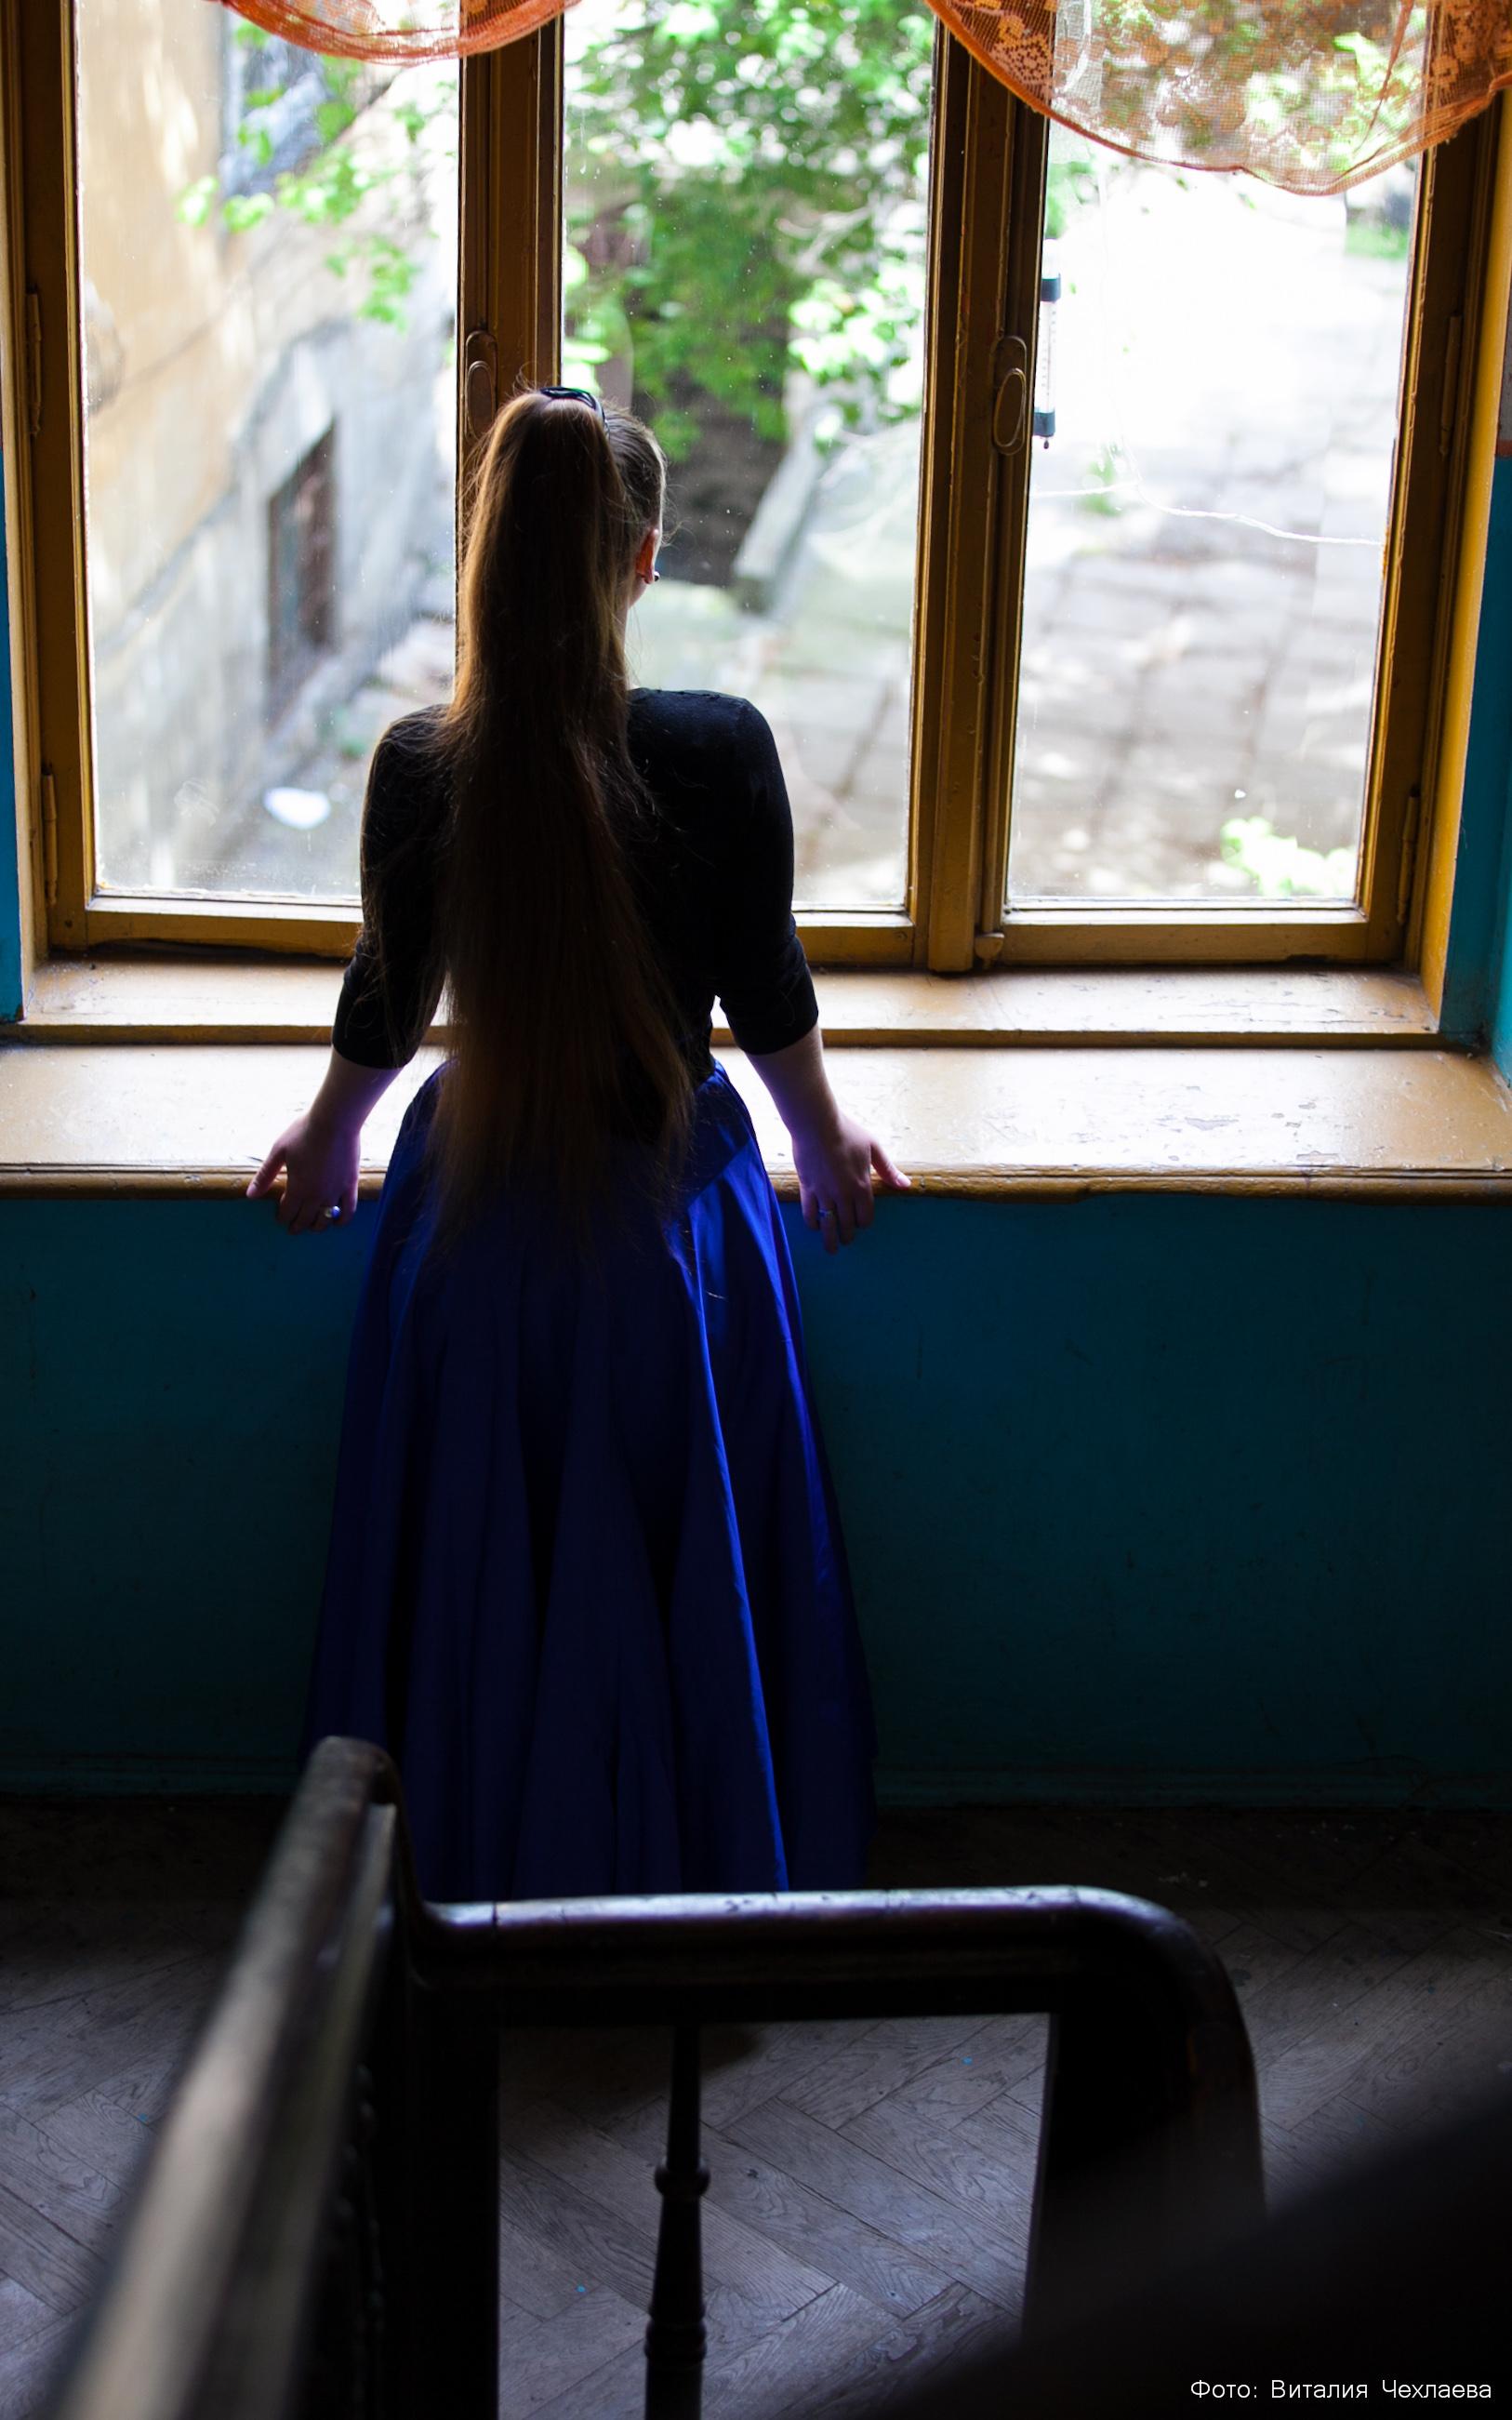 Московский фотограф Виталий Чехлаев